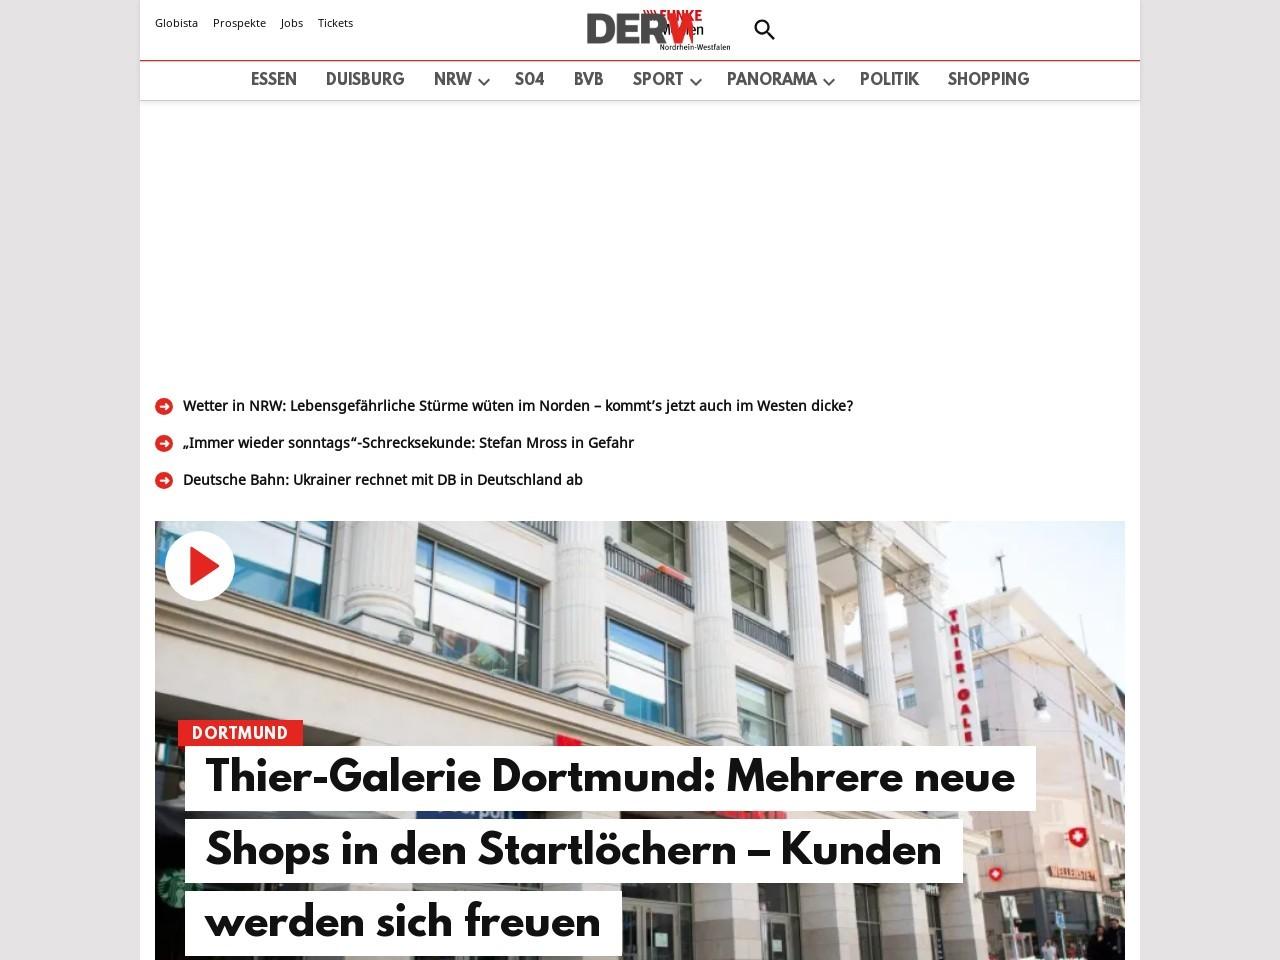 http://www.derwesten.de/staedte/wetter/Reise-in-eine-Welt-ohne-Regeln-id3914365.html